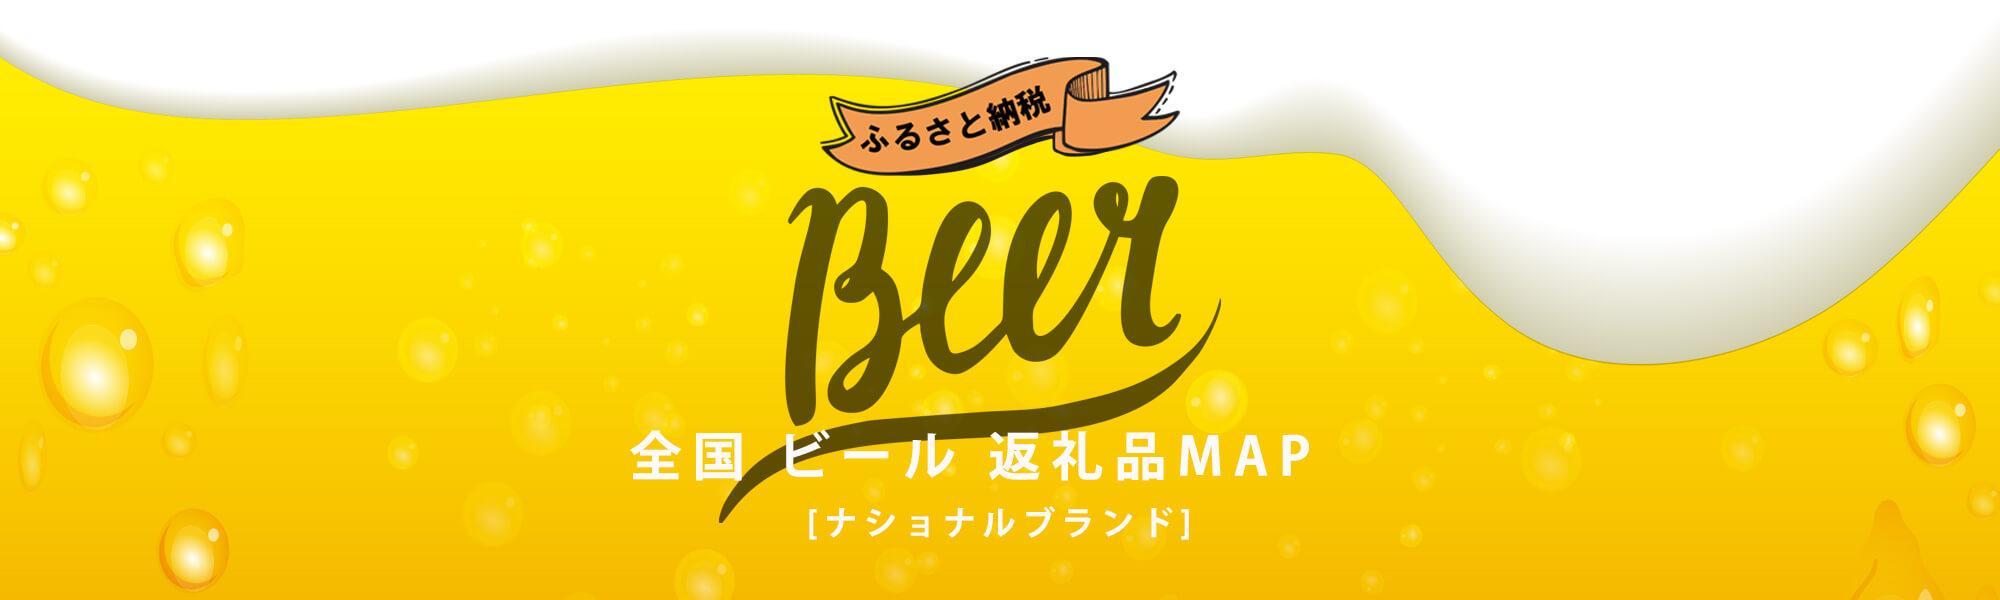 ナショナルビール<全国MAP>